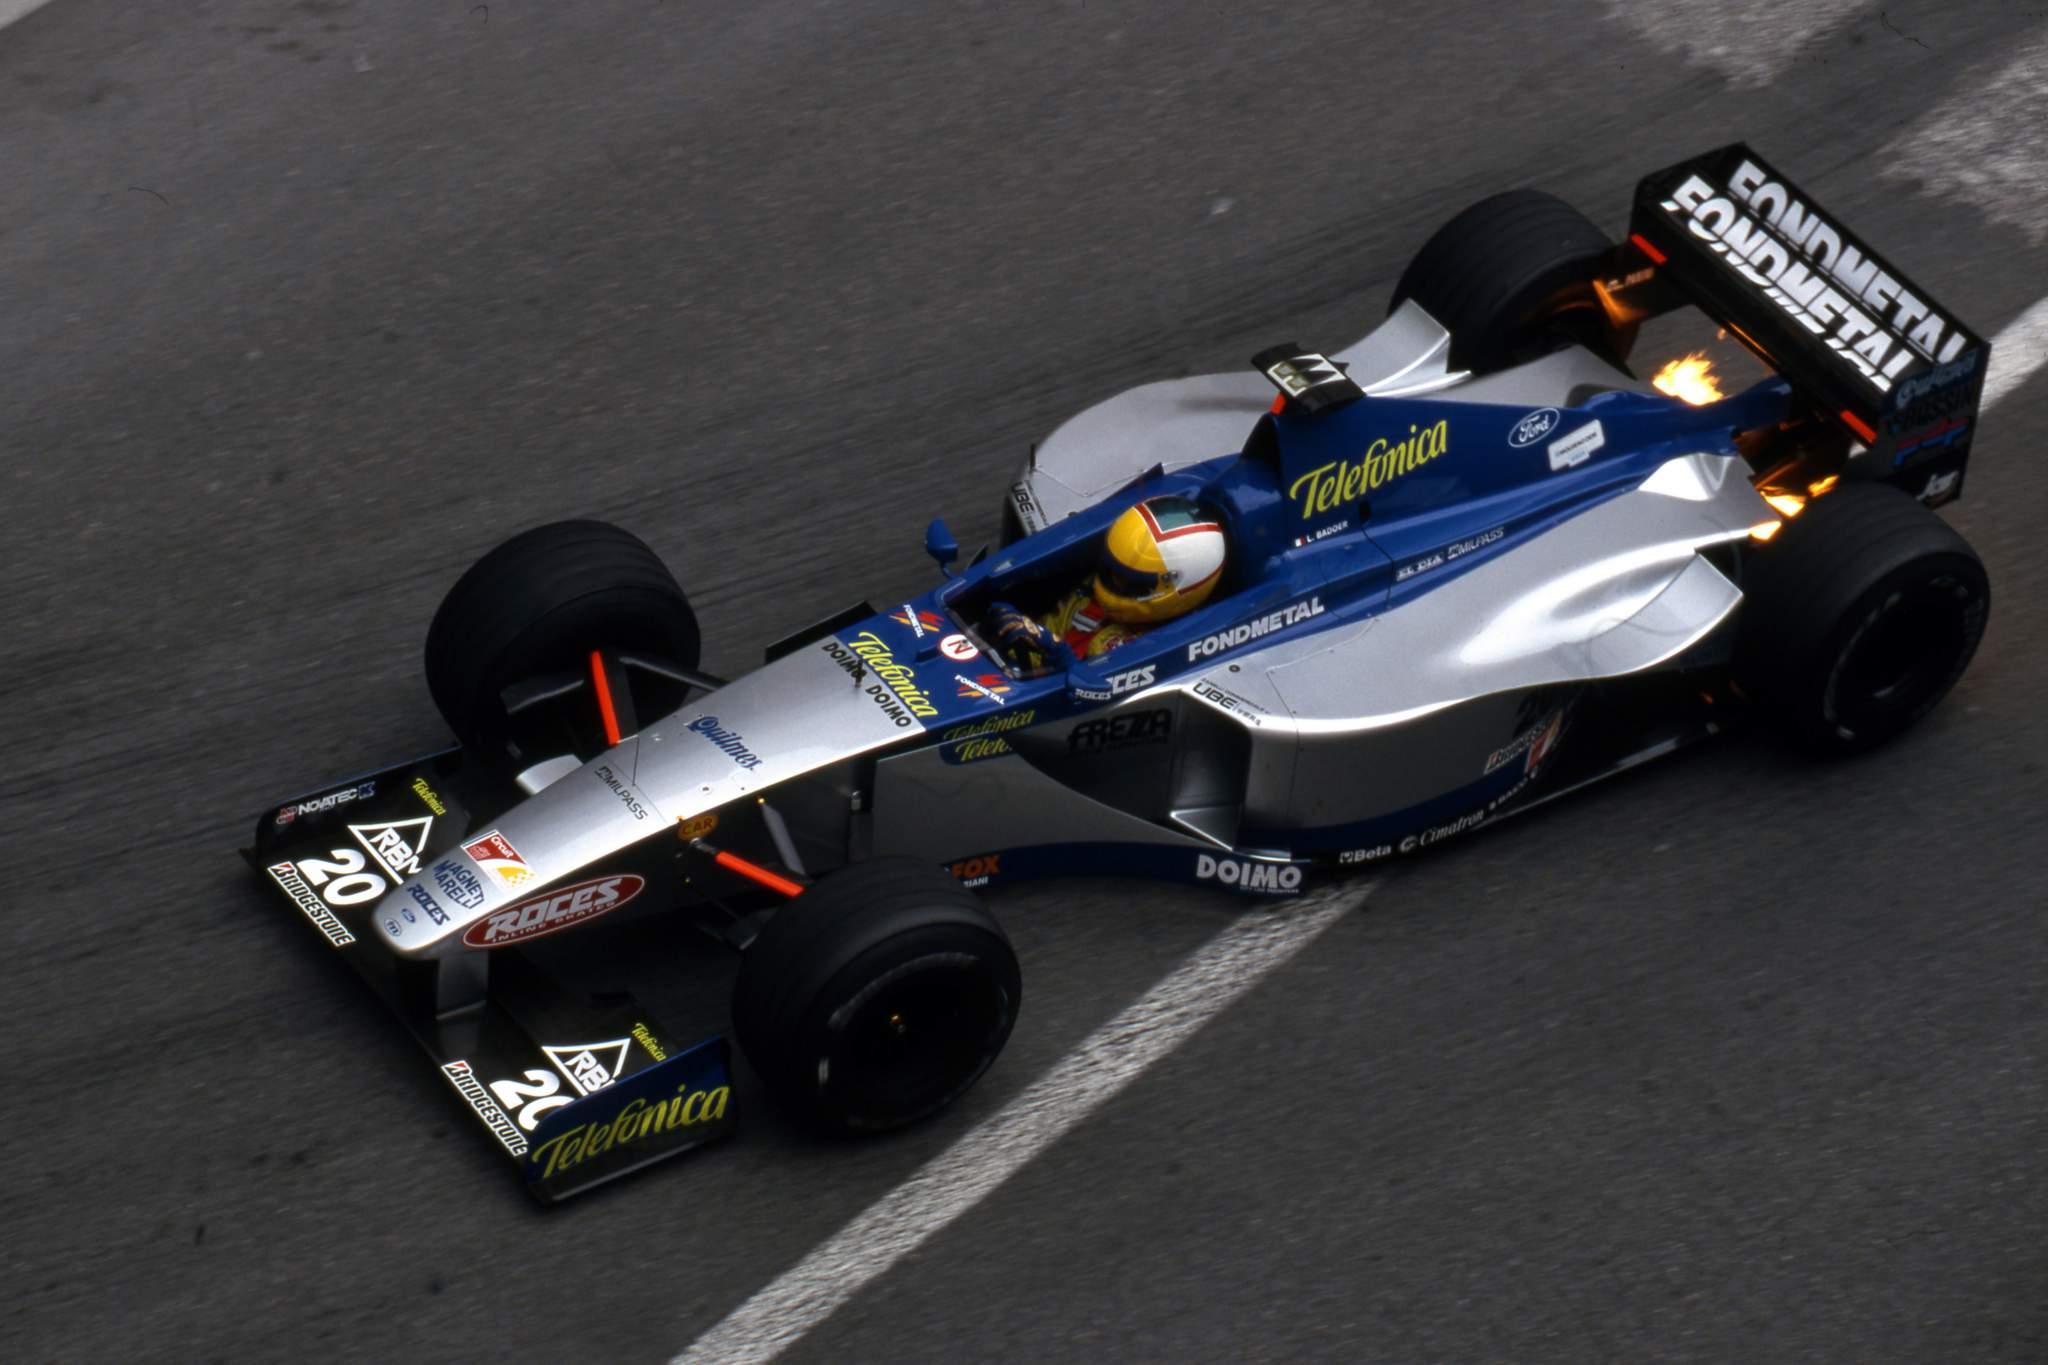 Monaco Grand Prix Monte Carlo (mc) 13 16 05 1999